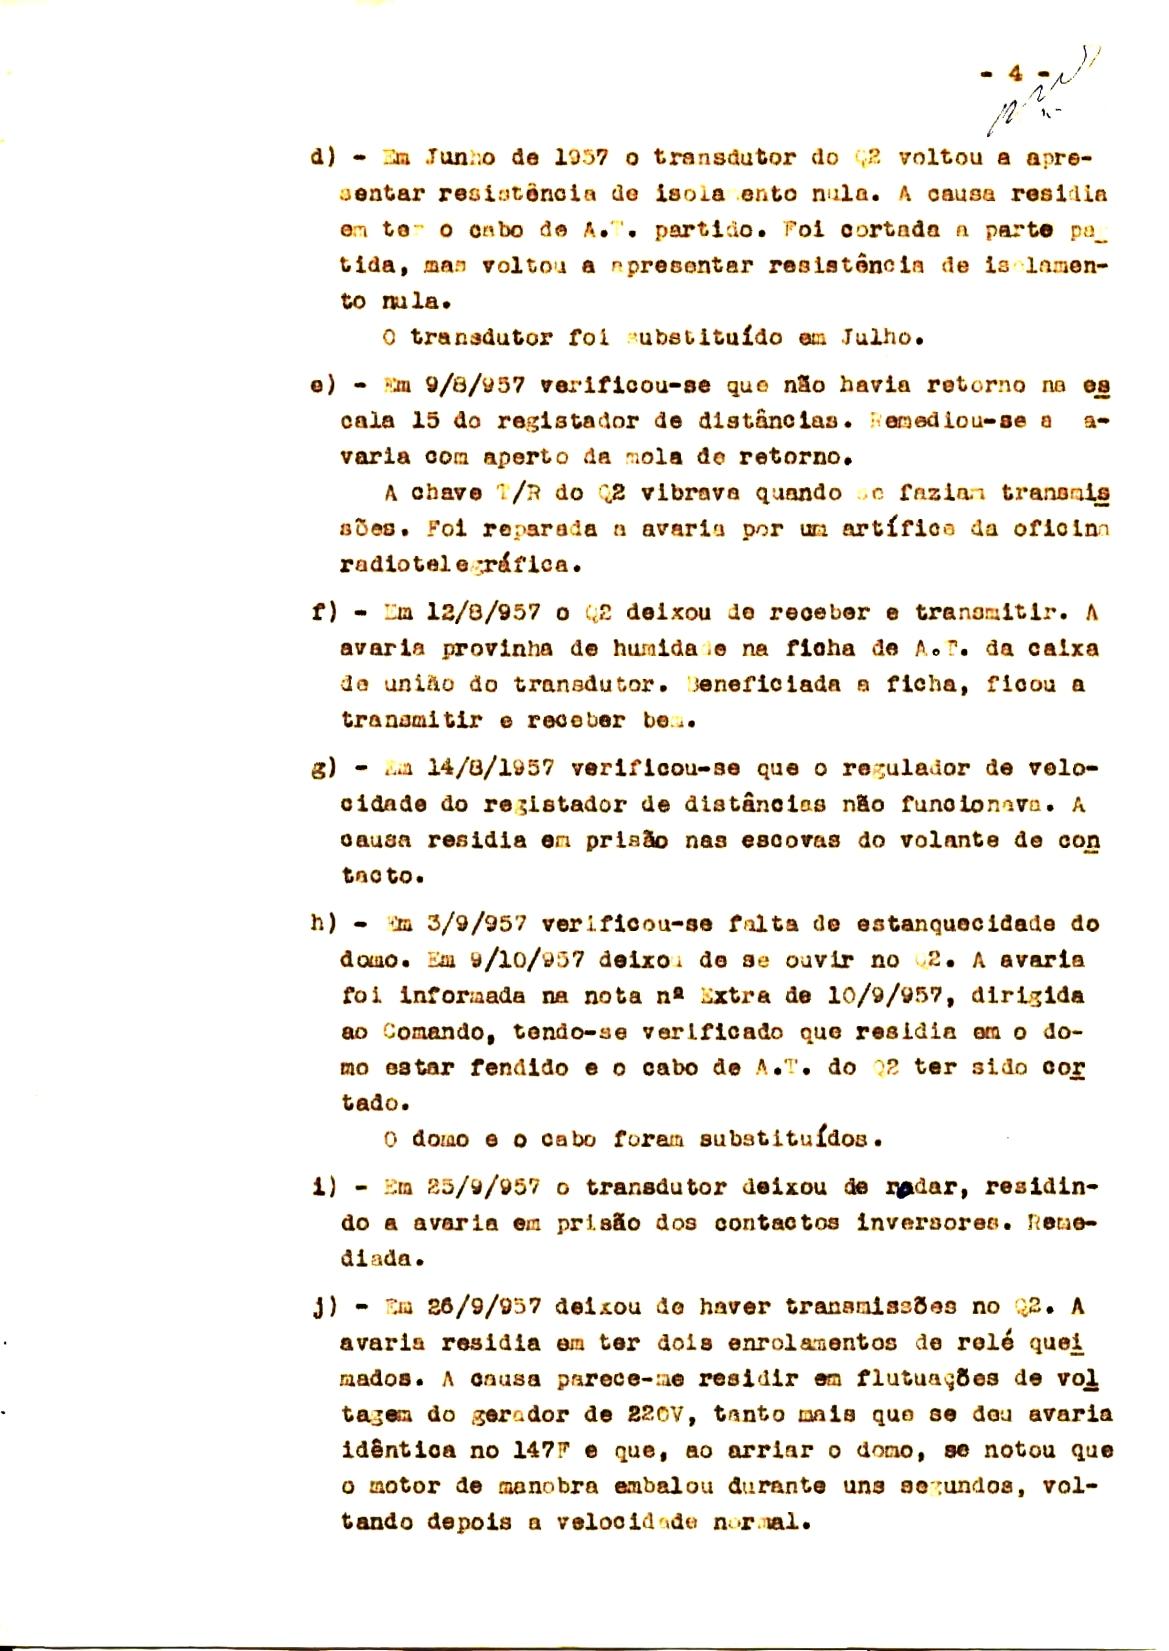 00341 57-10-21 cópia do Relatório do Chefe do Serviço de Armas Submarina do CT Vouga 1º Ten Nunes da Silva-4